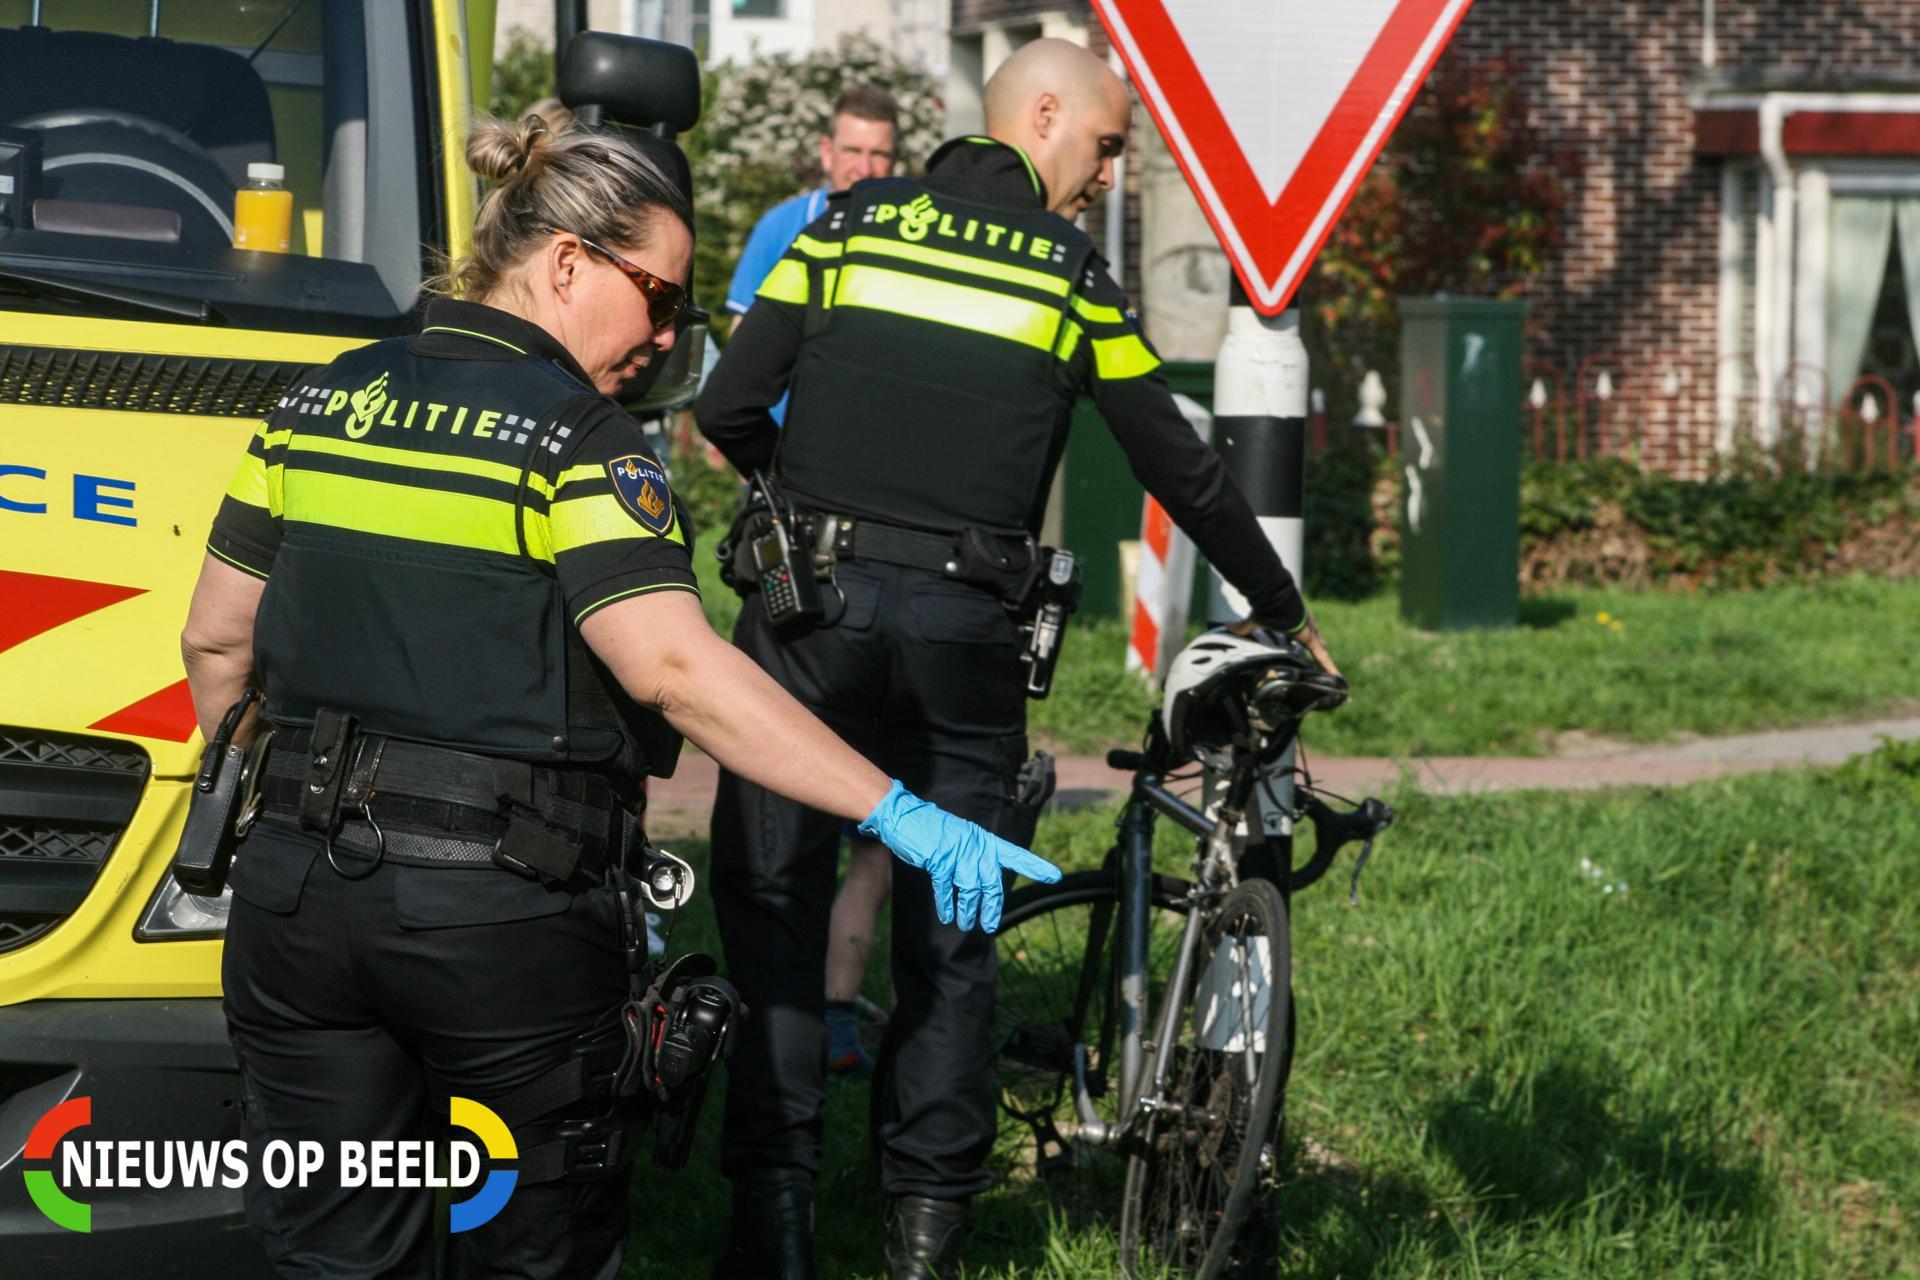 Wielrenner gewond na botsing met auto Beeldsweg Zuidland